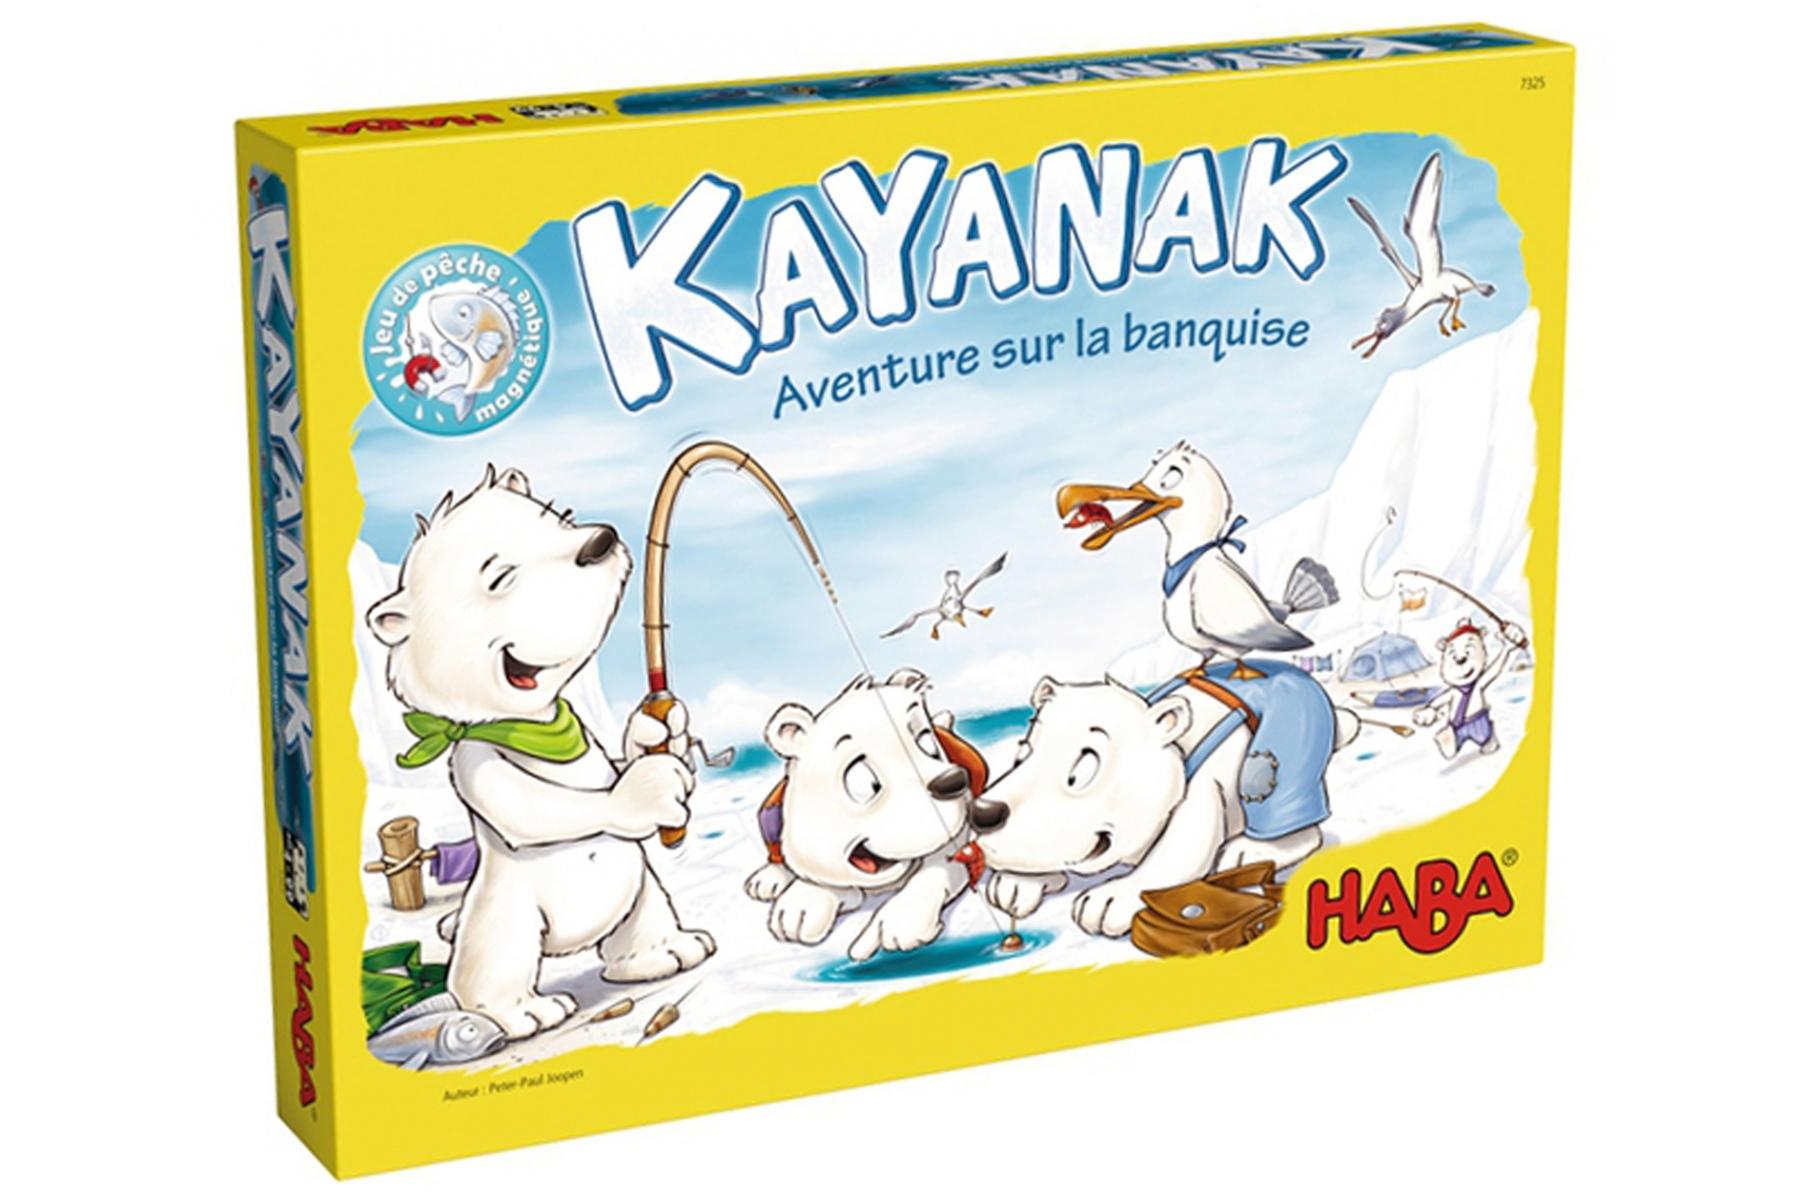 Jeu De Société Kayanak - Jeux Haba - A Partir De 4 Ans tout Jeux De Société À Partir De 4 Ans